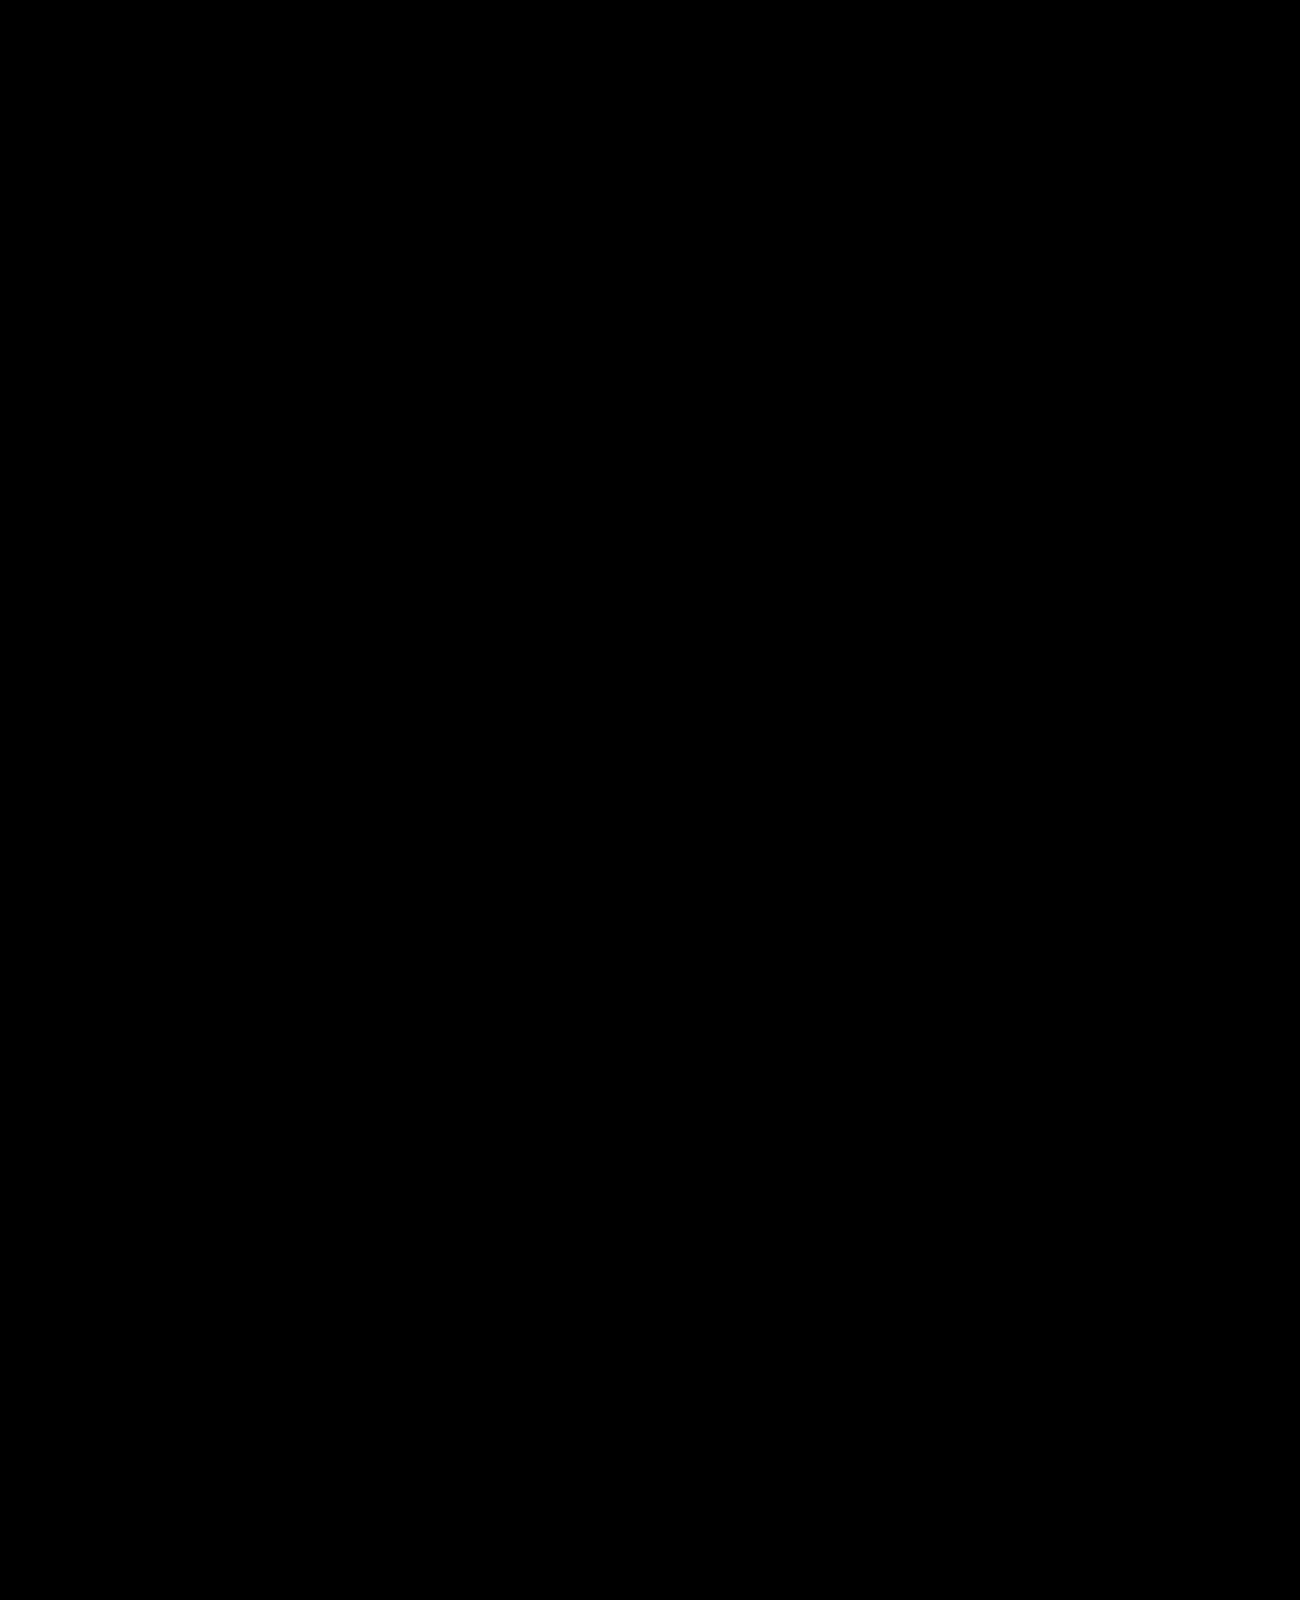 Stern Vorlage Ausschneiden Holidaysinjuly Stern Vorlage Ausschneiden Sterne Zum Ausdrucken Stern Schablone Sterne Basteln Vorlage